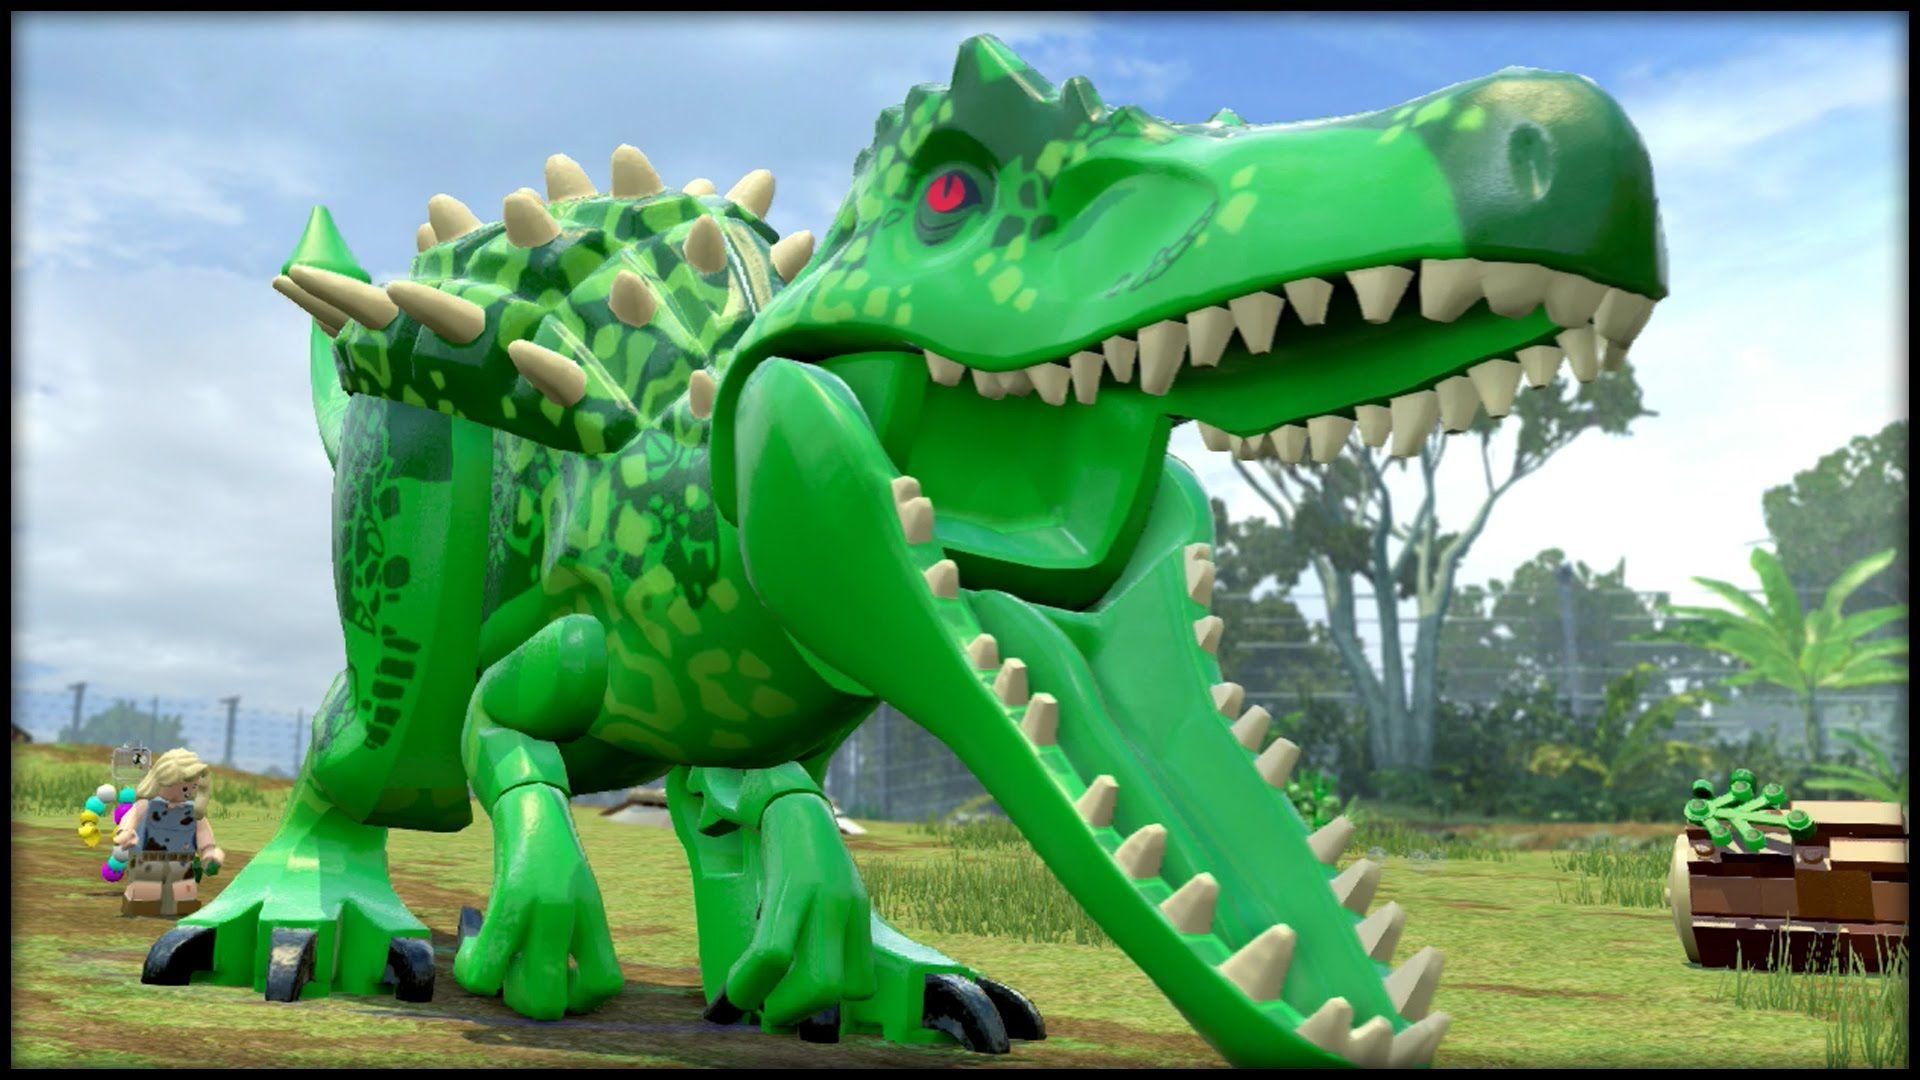 Lego Jurassic World Indominus Hulk Indominus